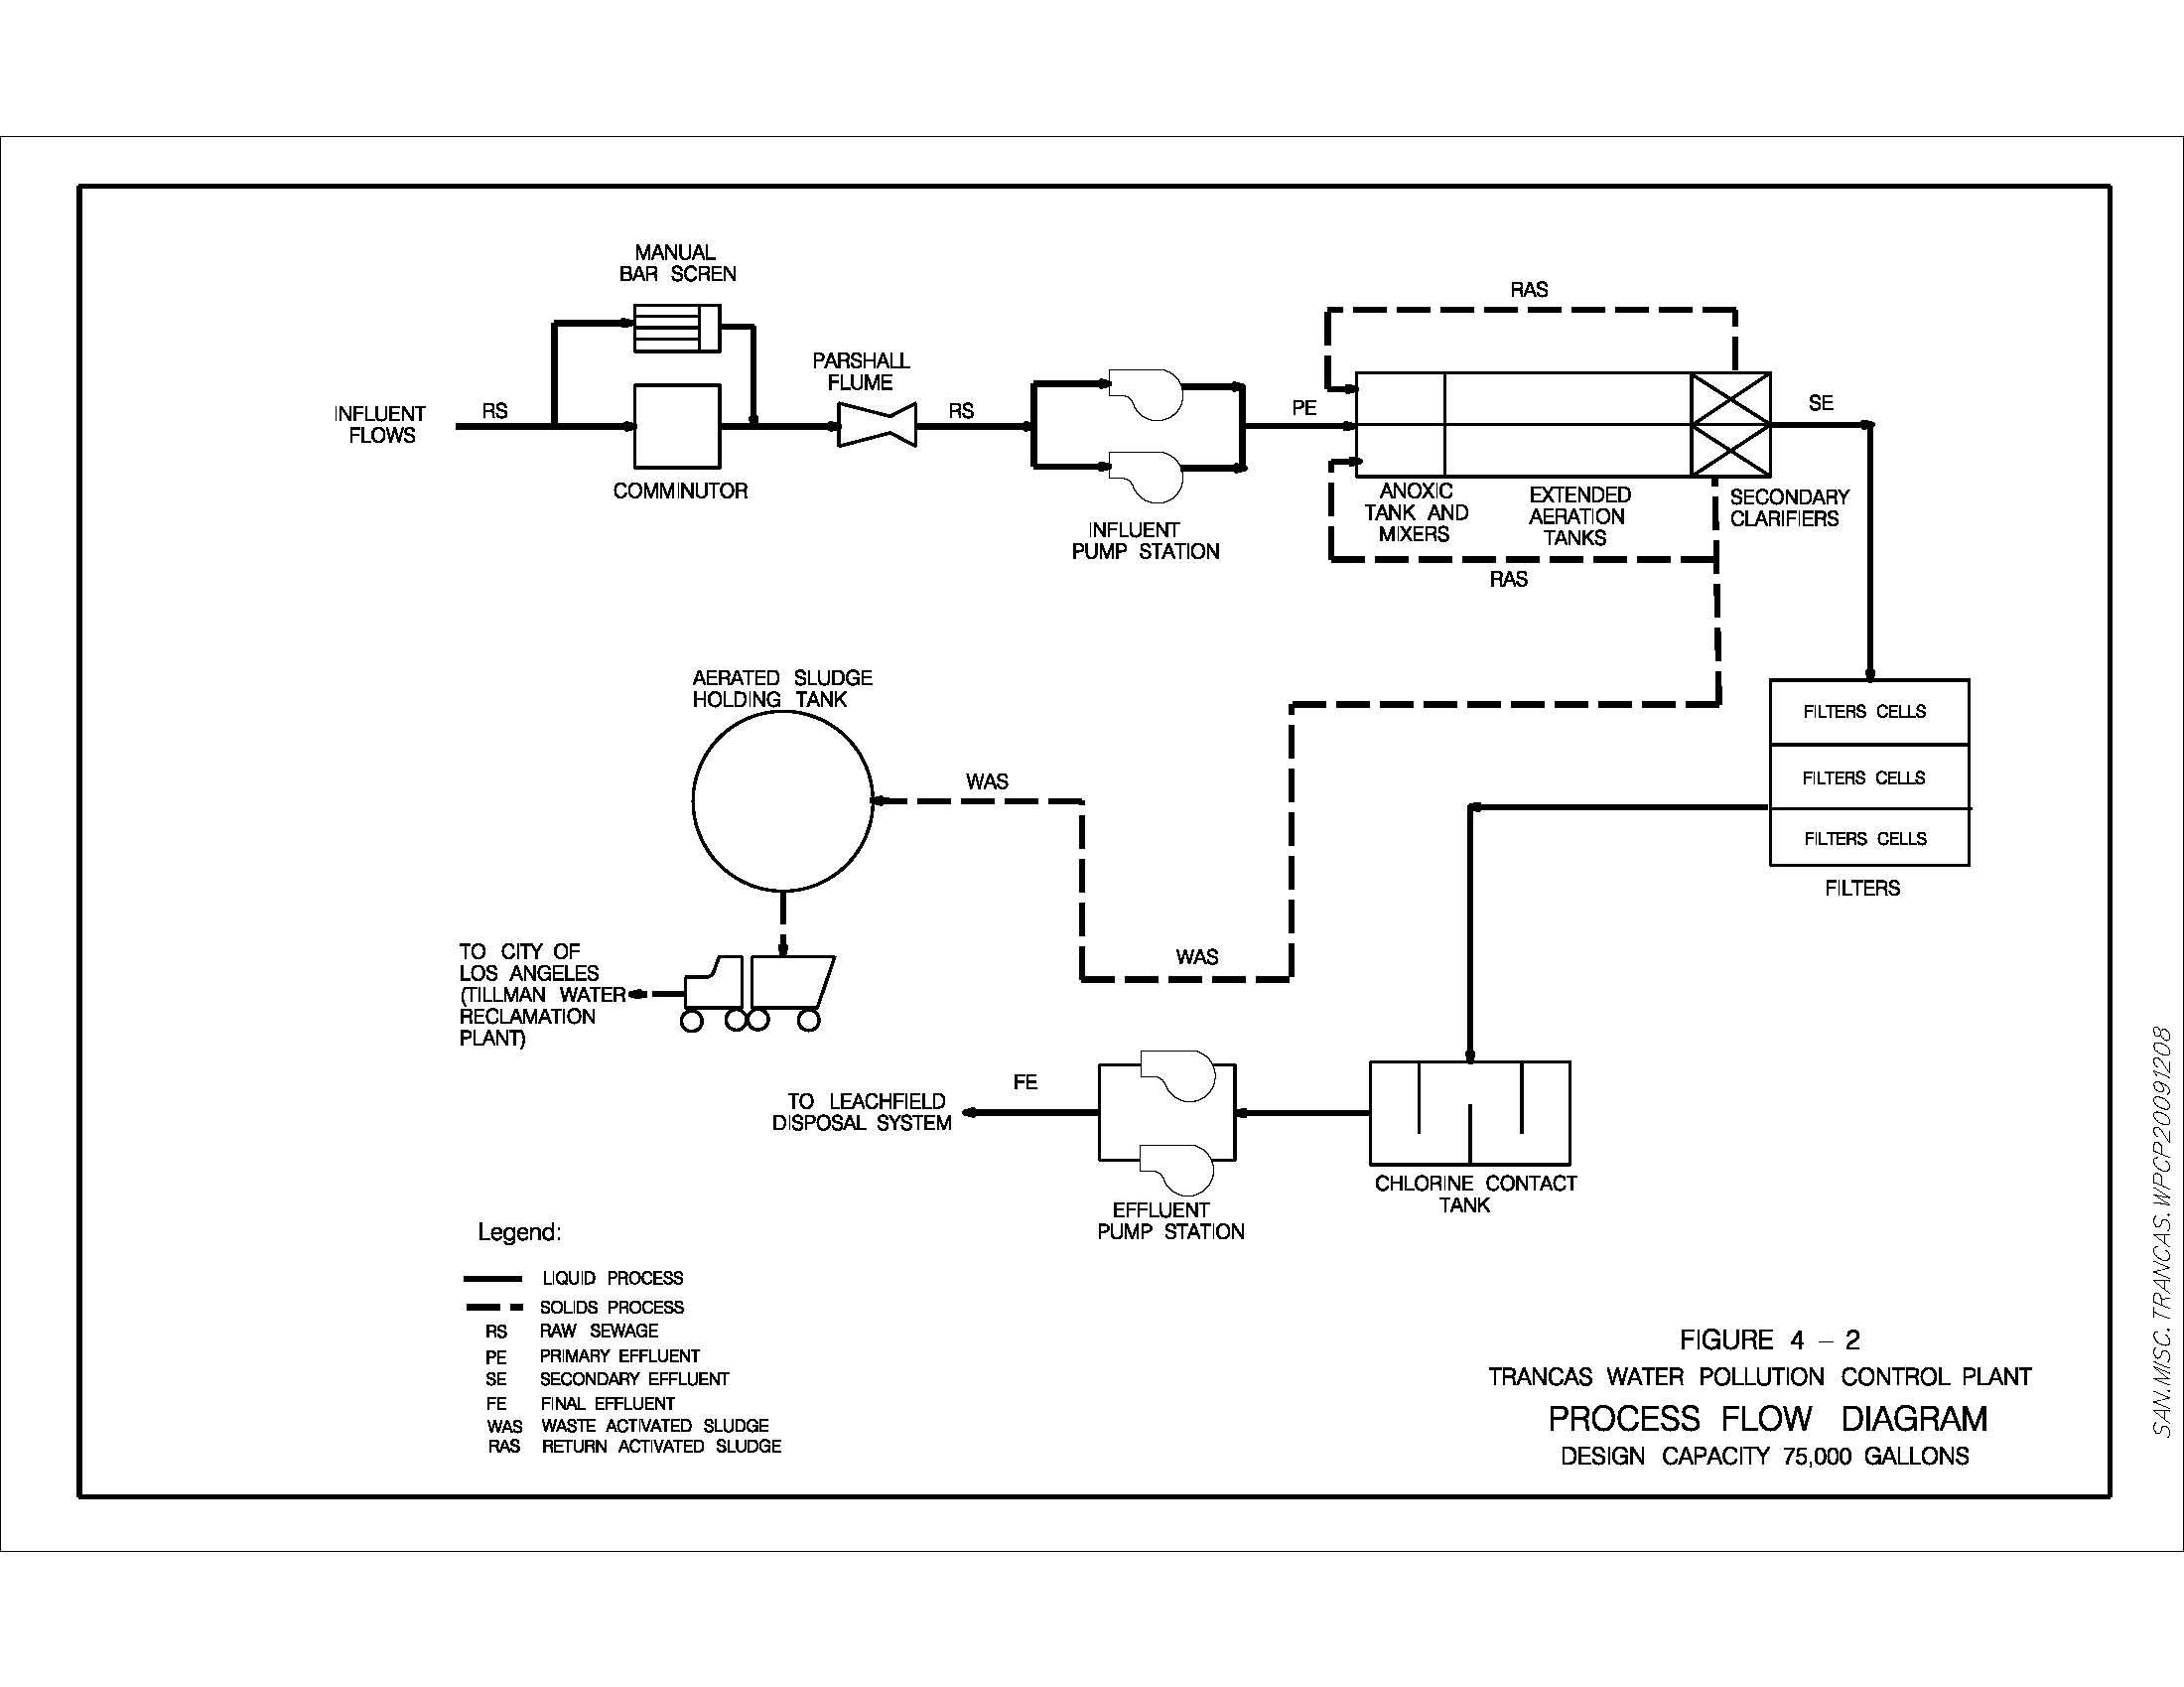 Figure 3 1 Flow Diagram Of Treatment Process